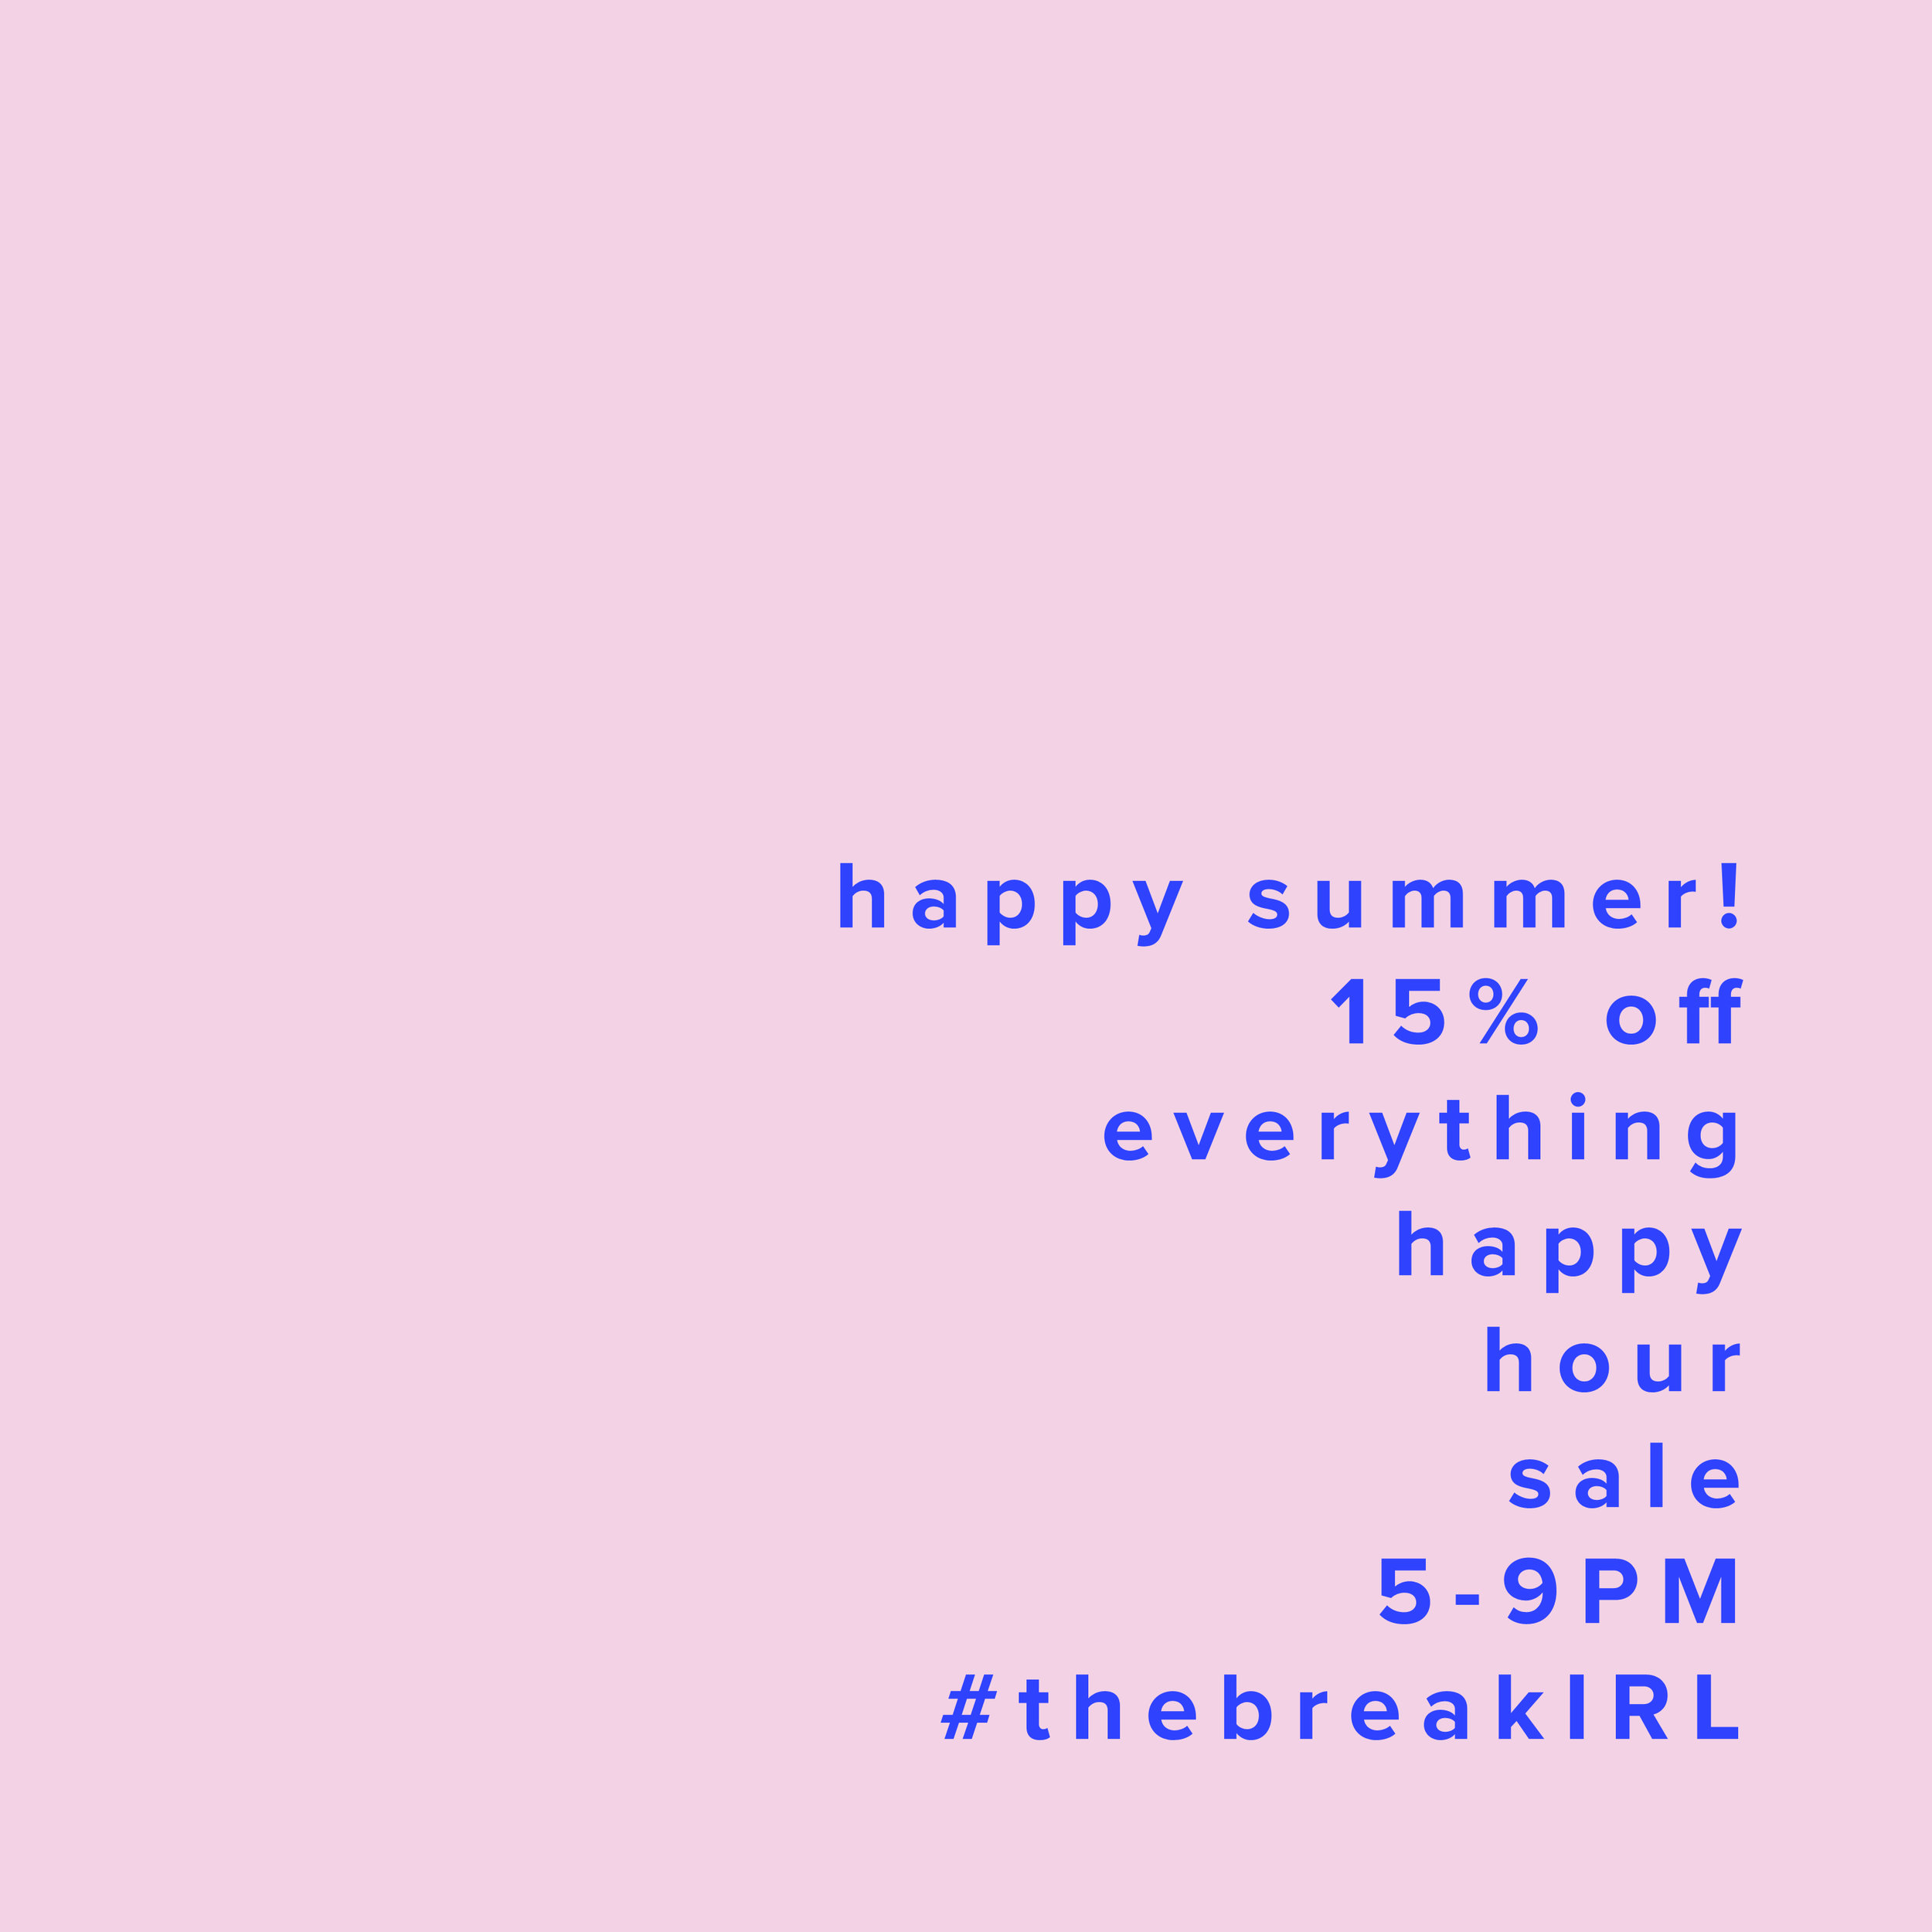 happy-hour-sale-flyer.jpg